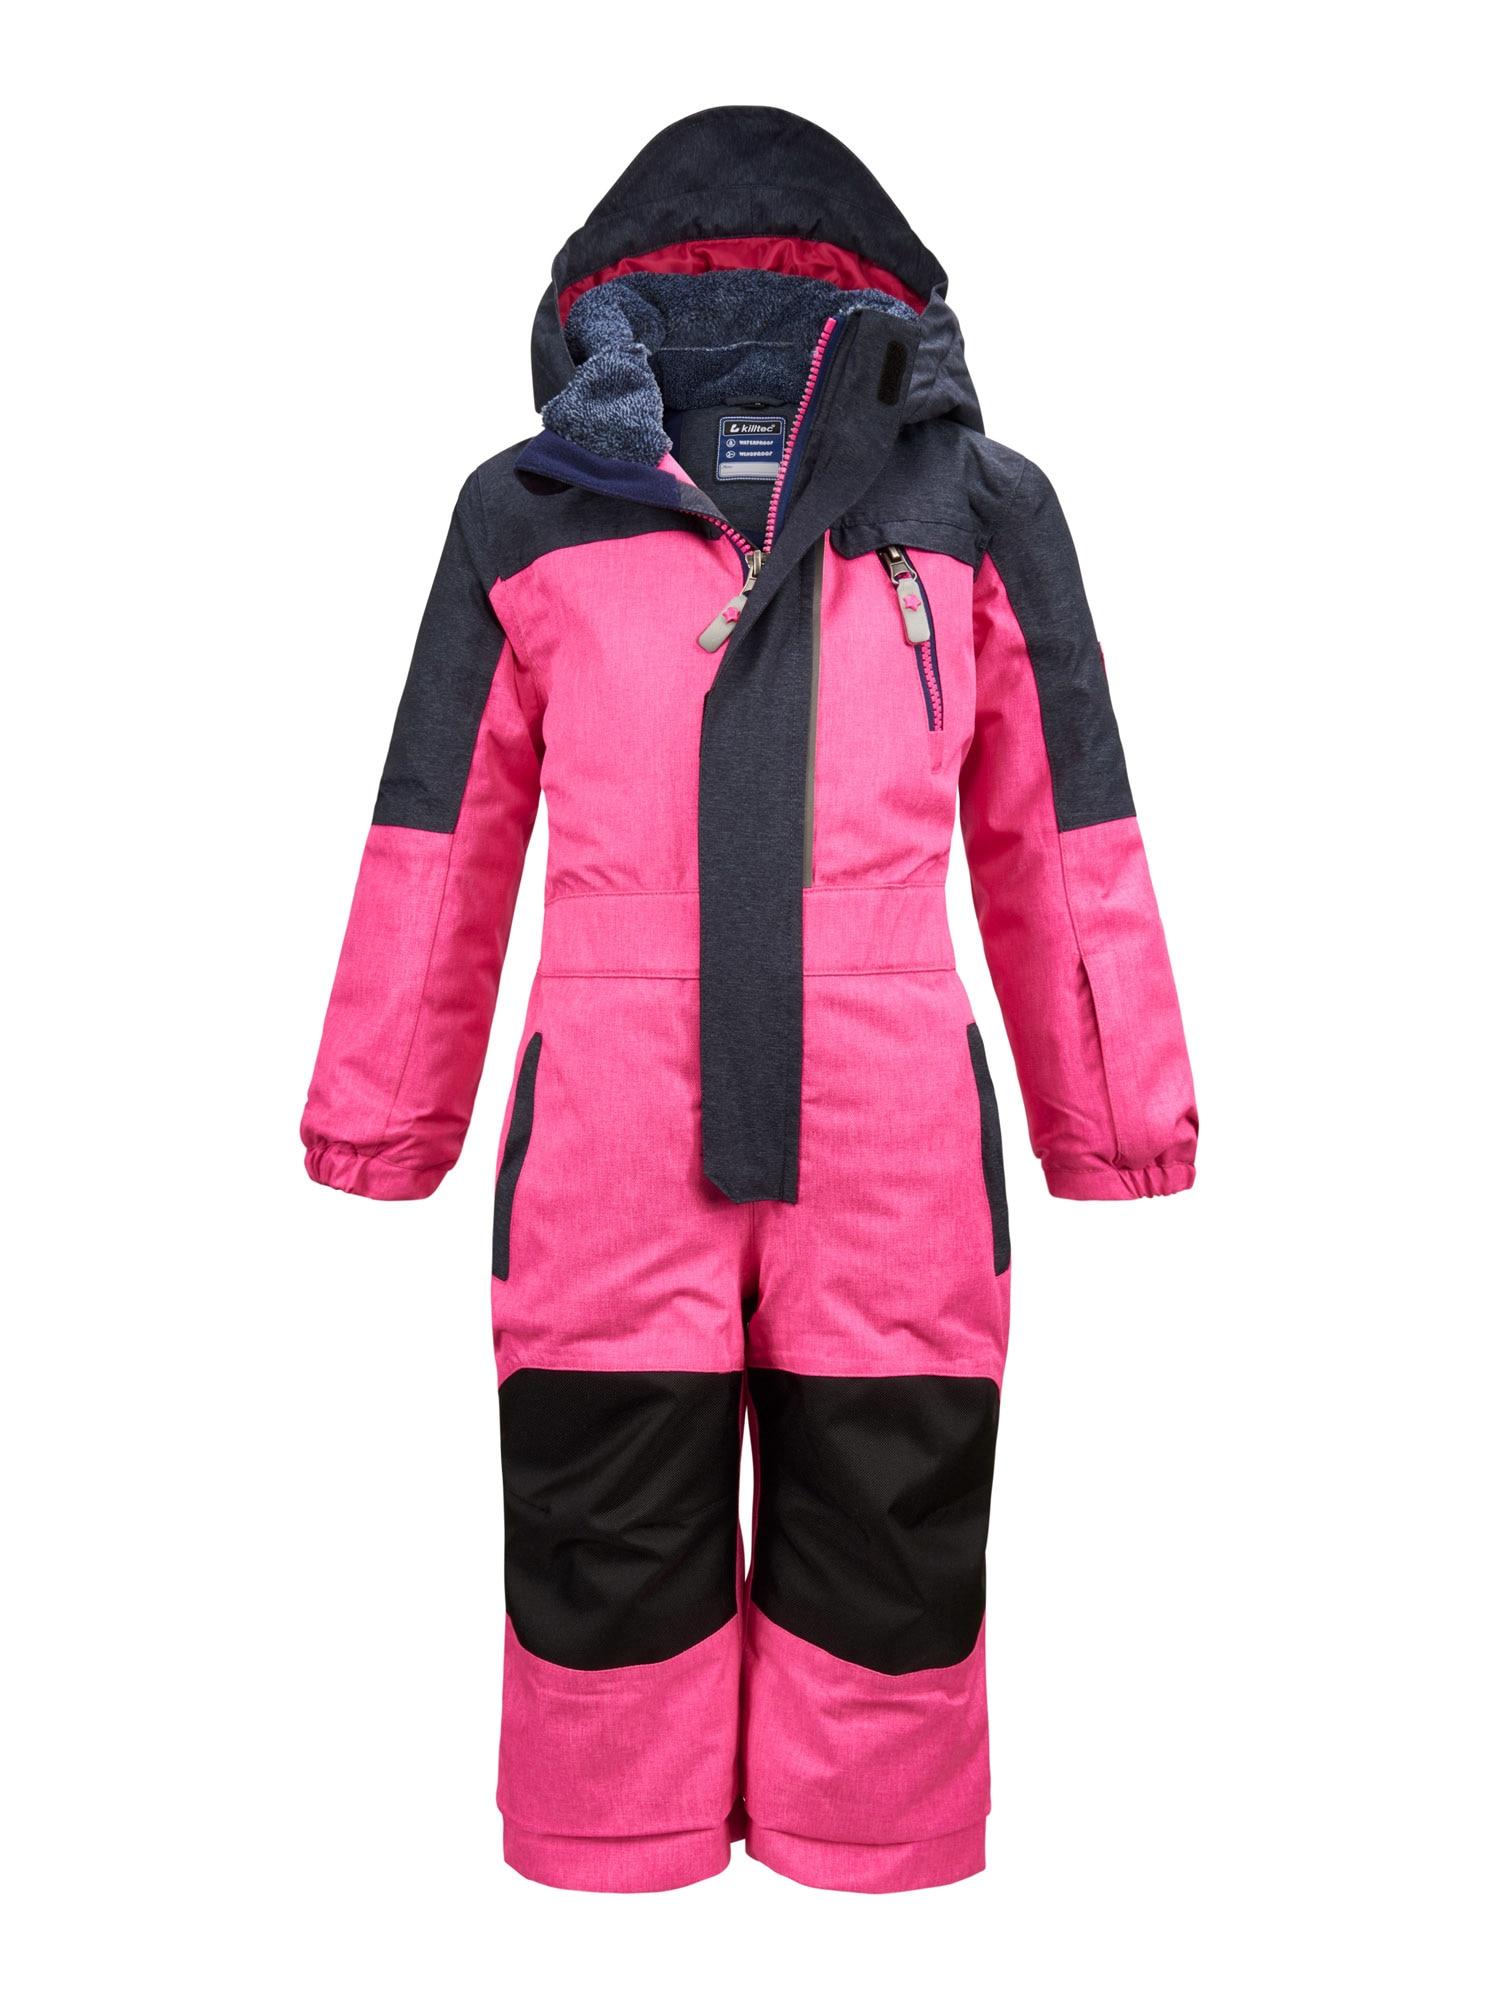 KILLTEC Sportinis kostiumas 'Viewy' neoninė rožinė / juoda